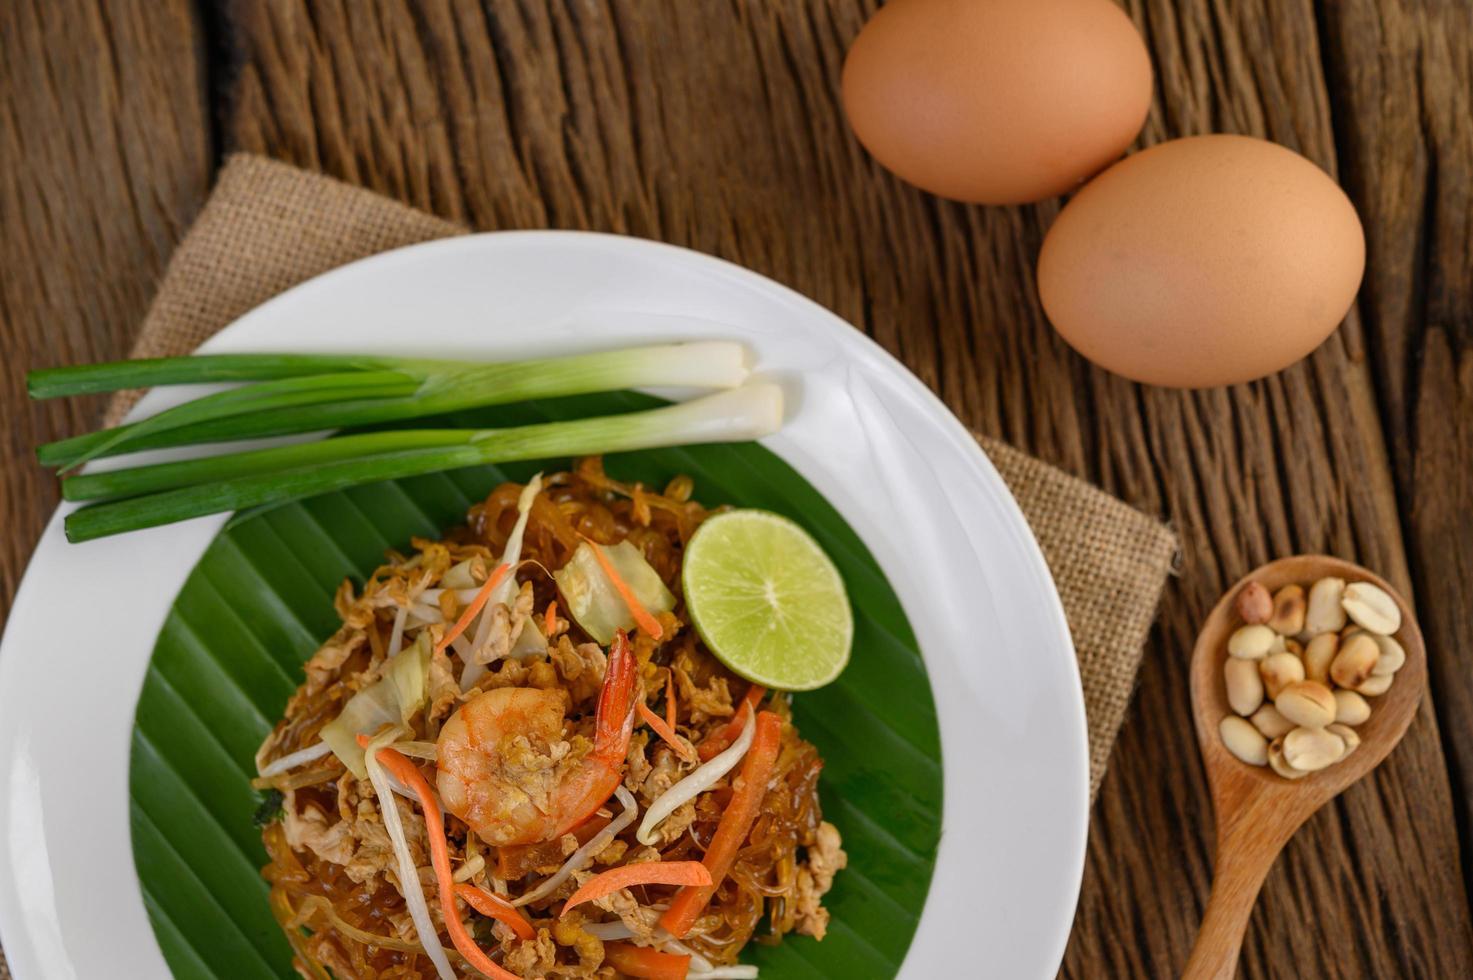 plaat van pad thai garnalen met limoen en eieren foto